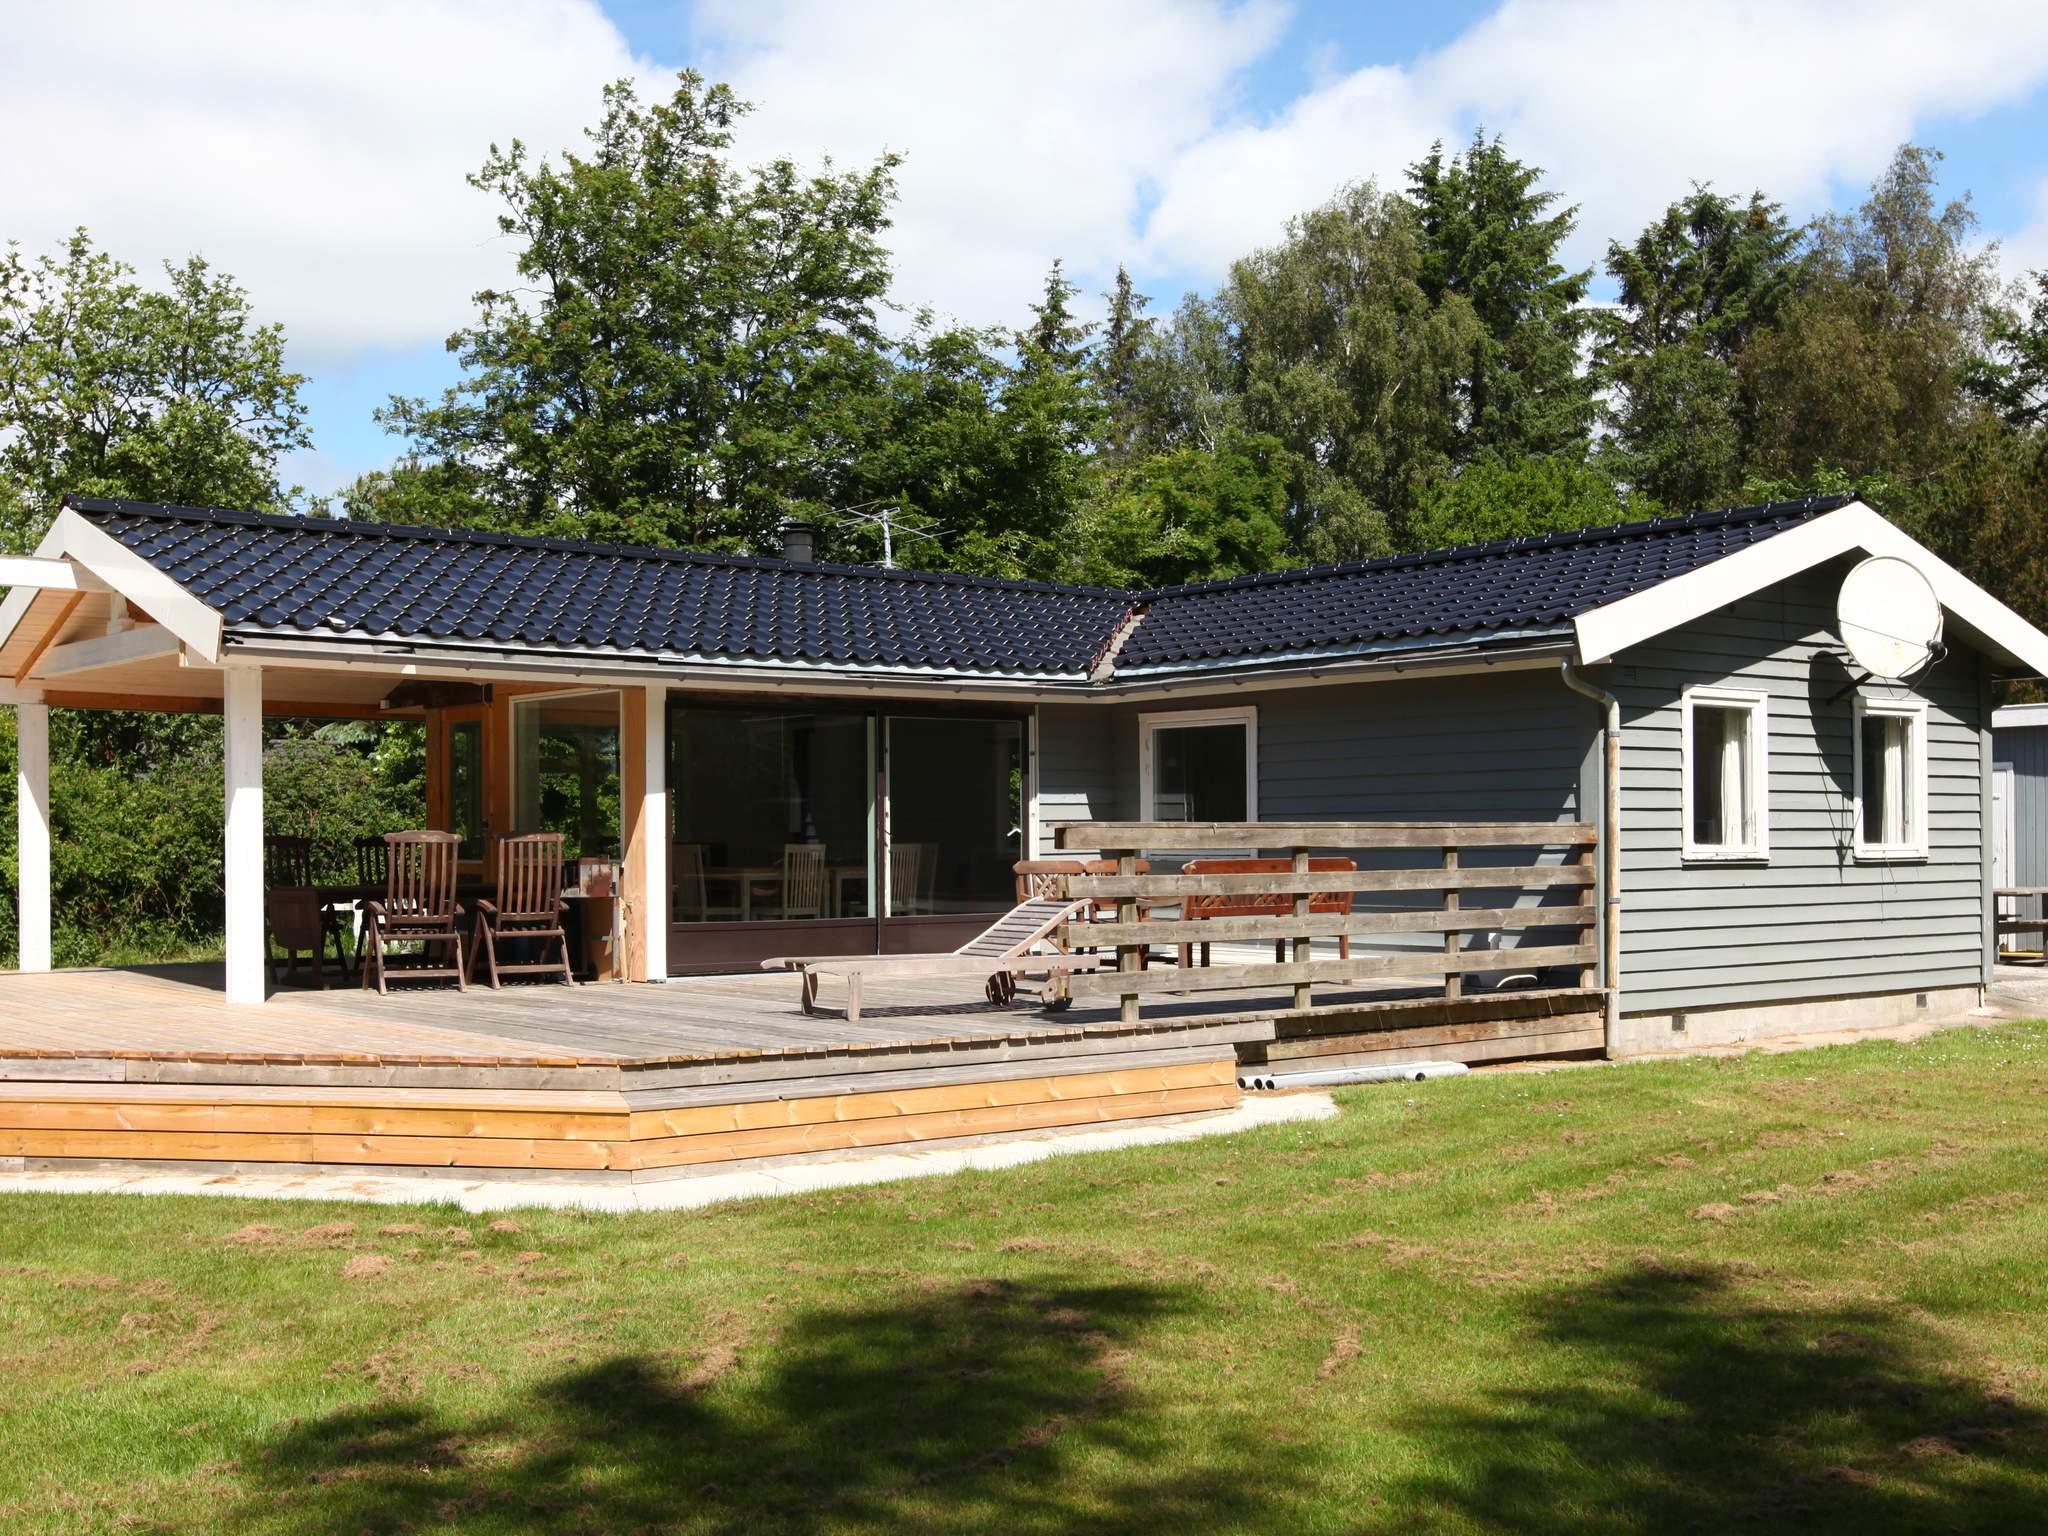 Maison de vacances Hummingen (89267), Hummingen, , Lolland, Danemark, image 7